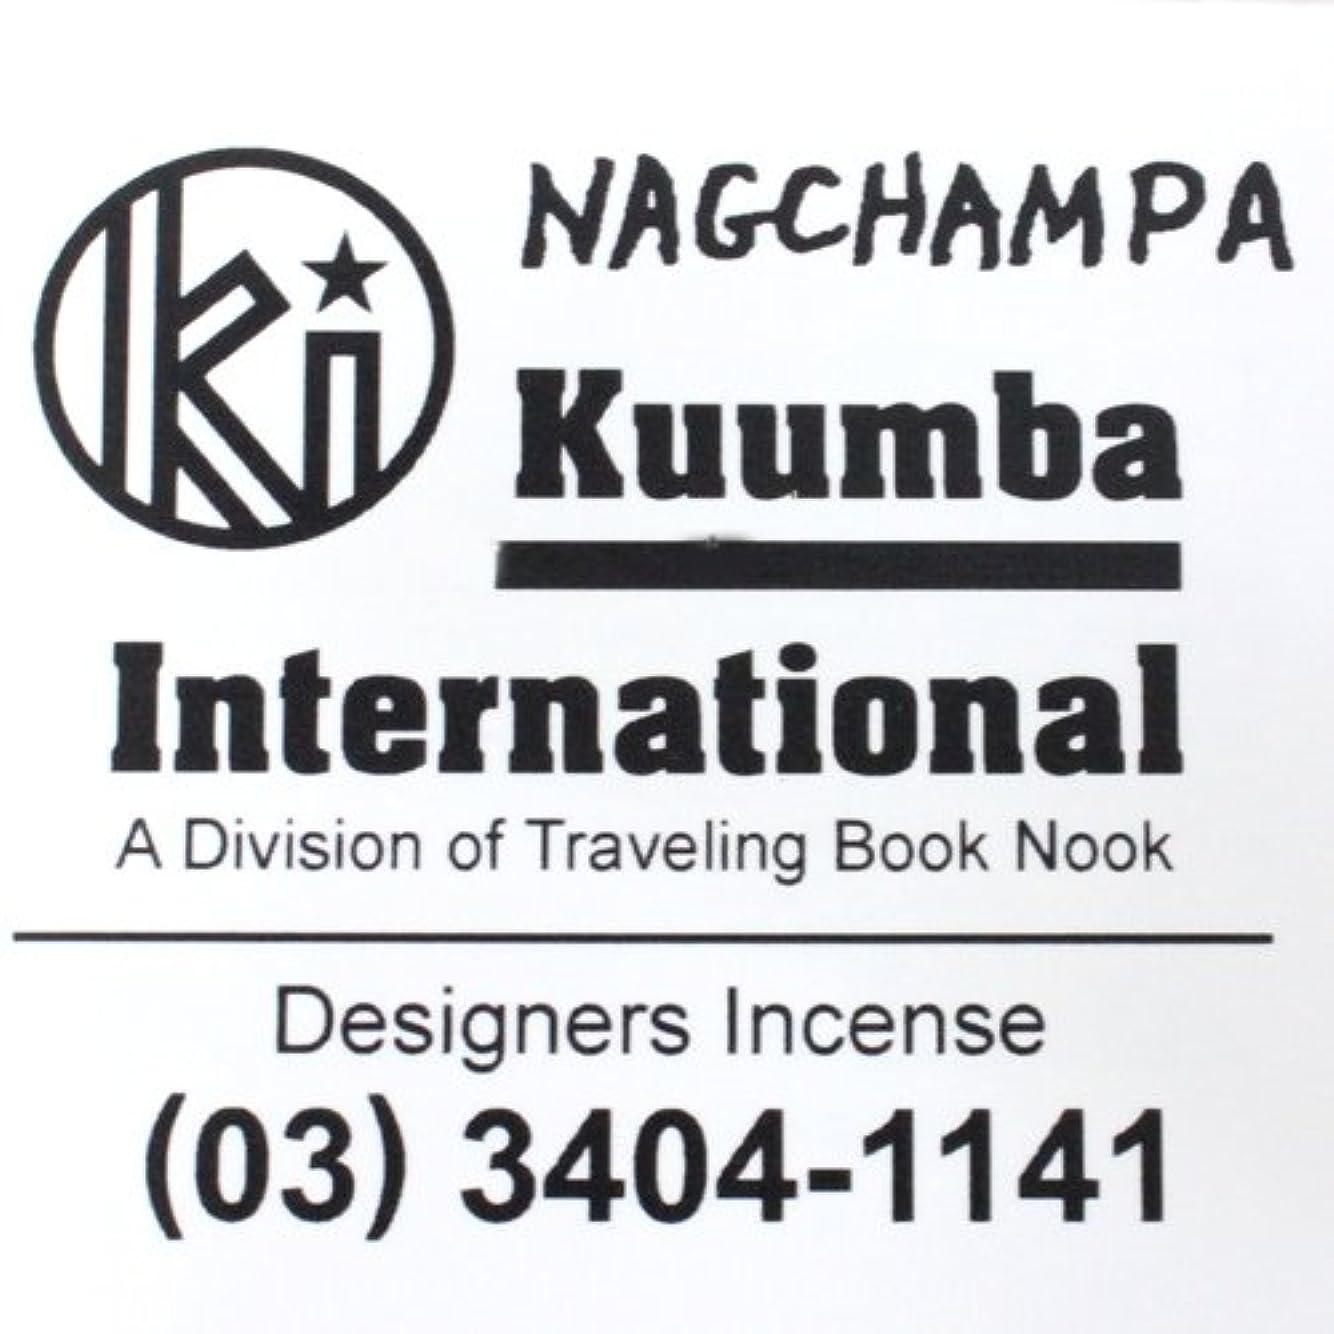 六分儀コンプライアンスパパKUUMBA (クンバ)『incense』(NAGCHAMPA) (Regular size)